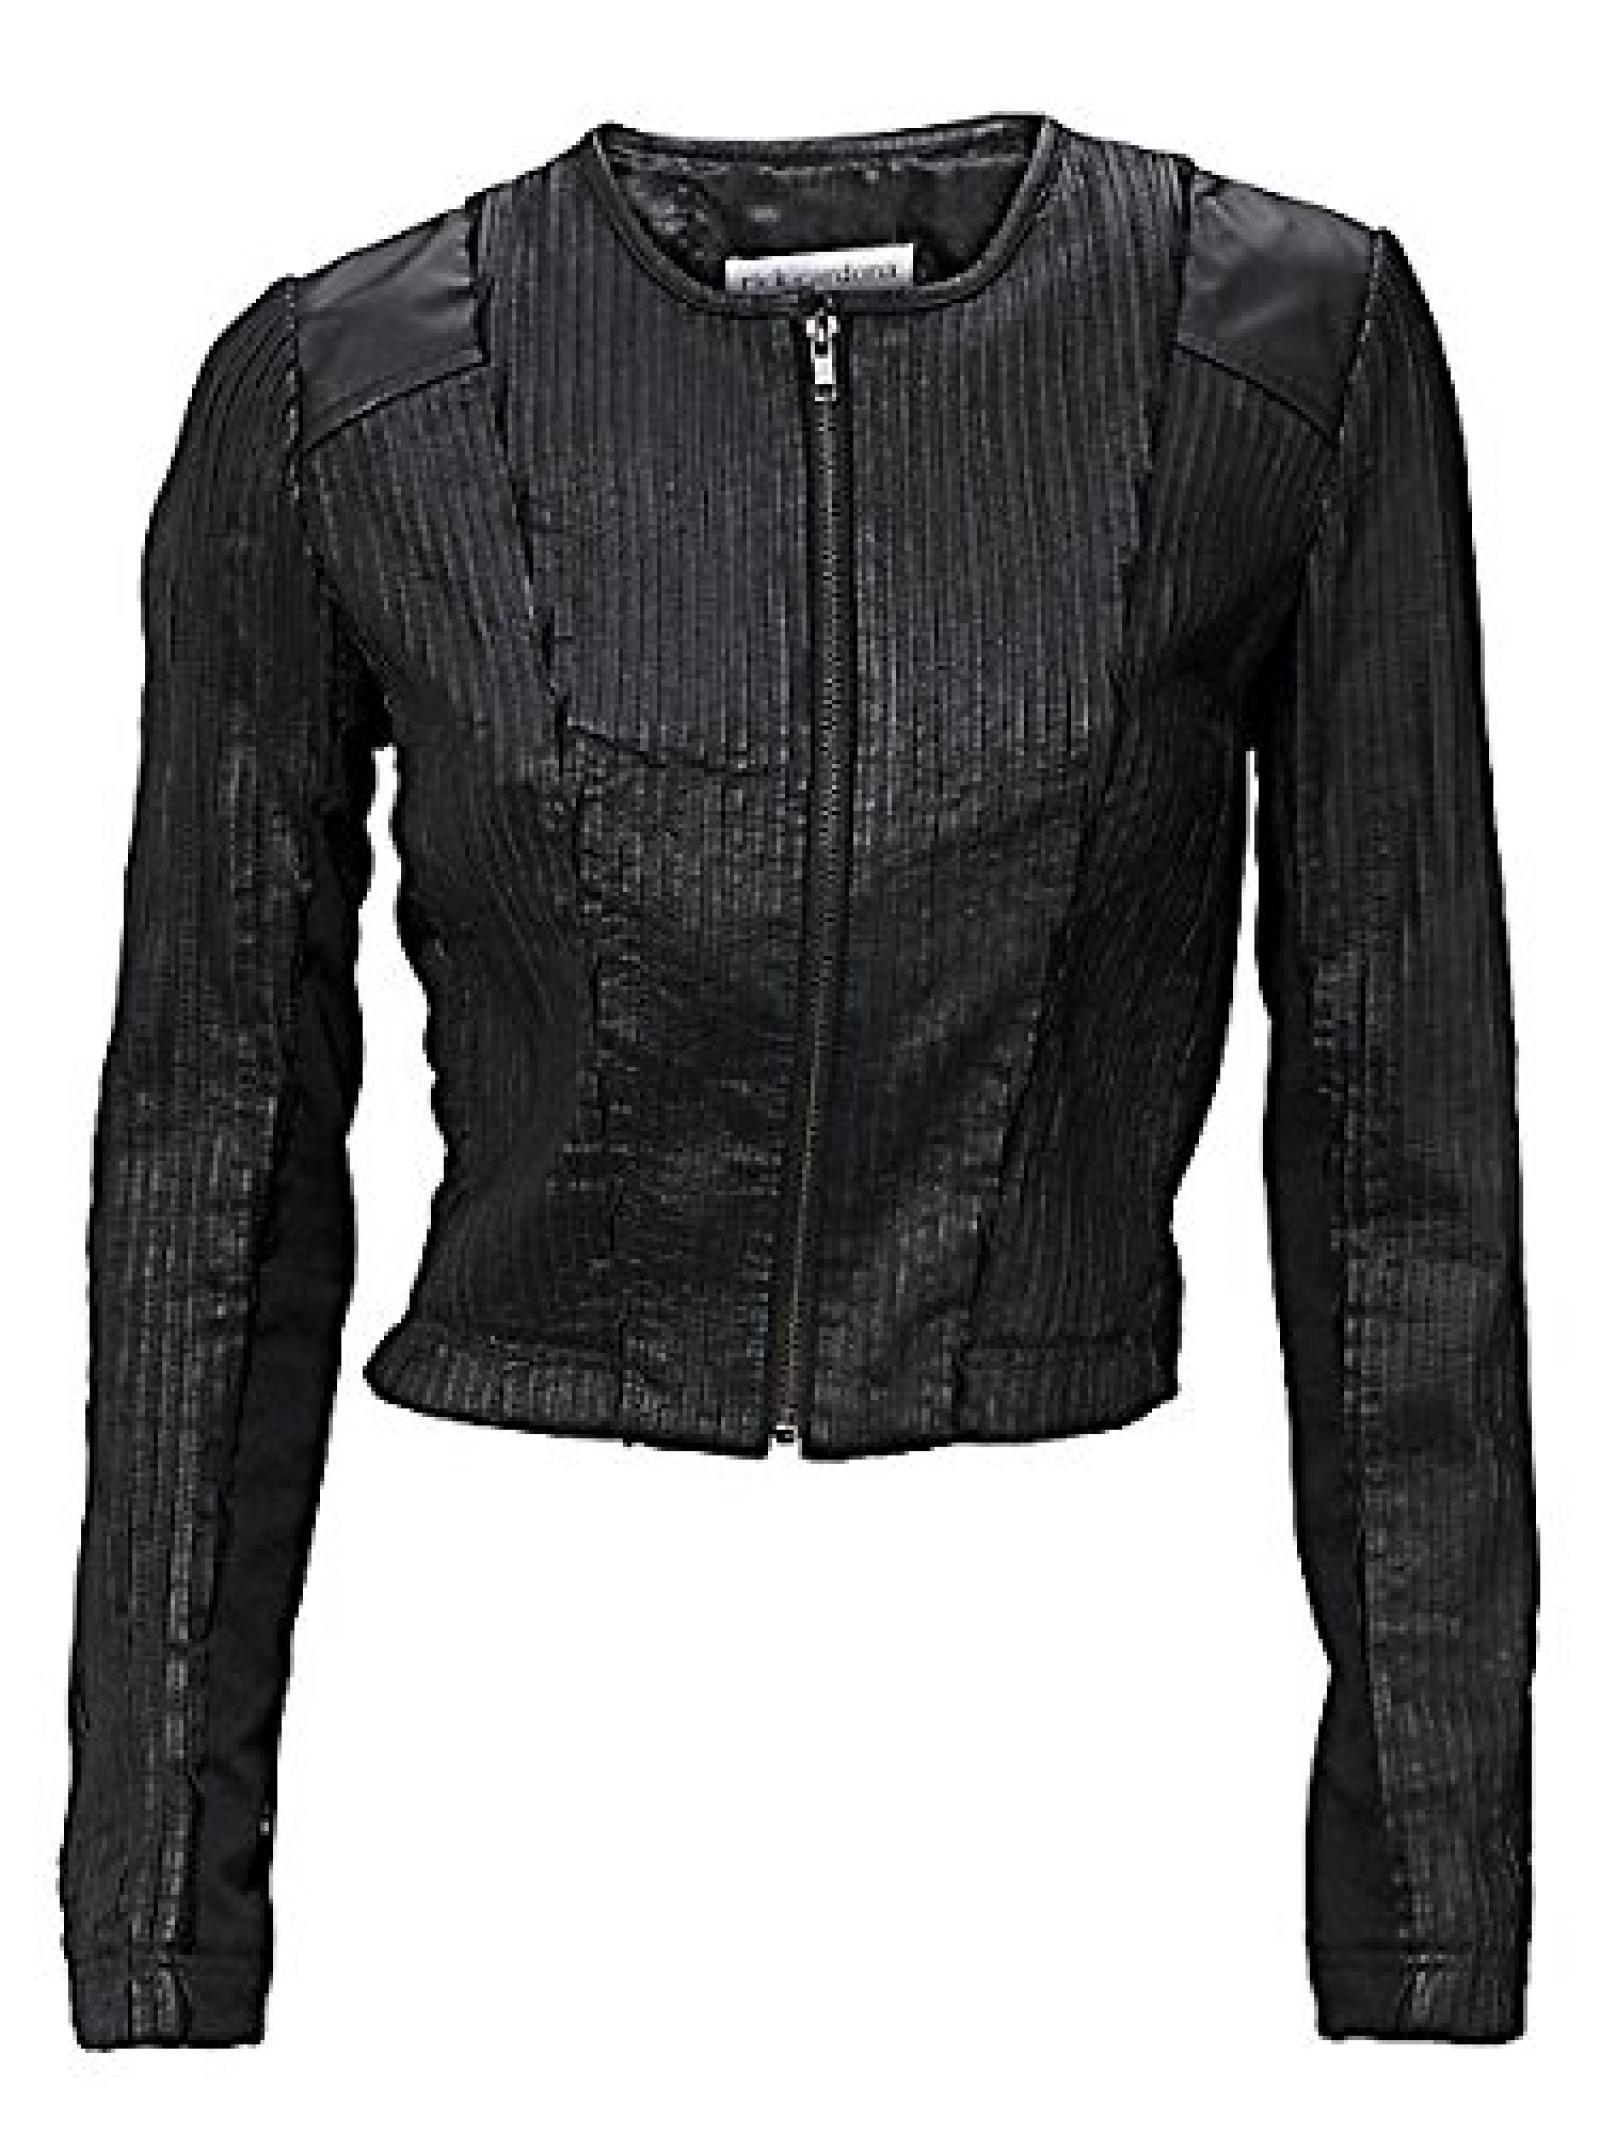 Damen RICK CARDONA Lederjacke in schwarz - Größe: 38